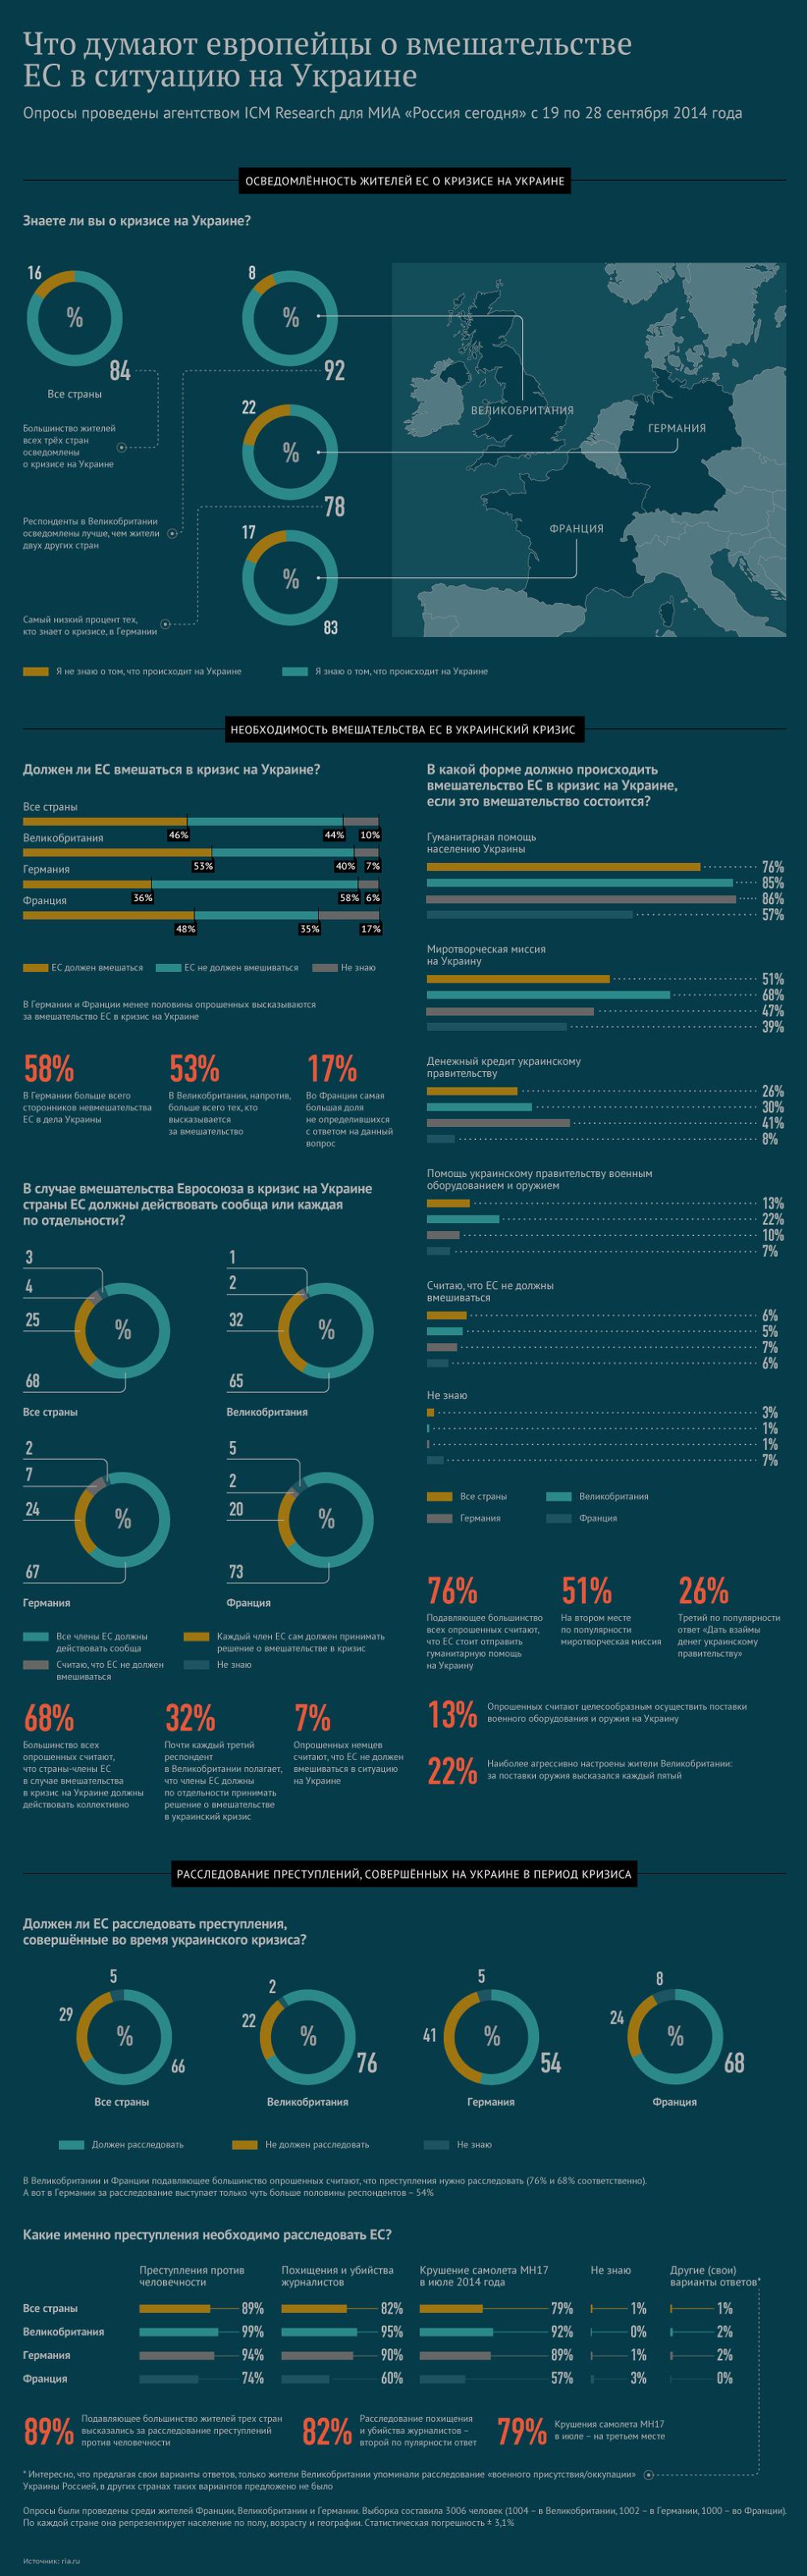 Что думают европейцы о вмешательстве ЕС в ситуацию на Украине